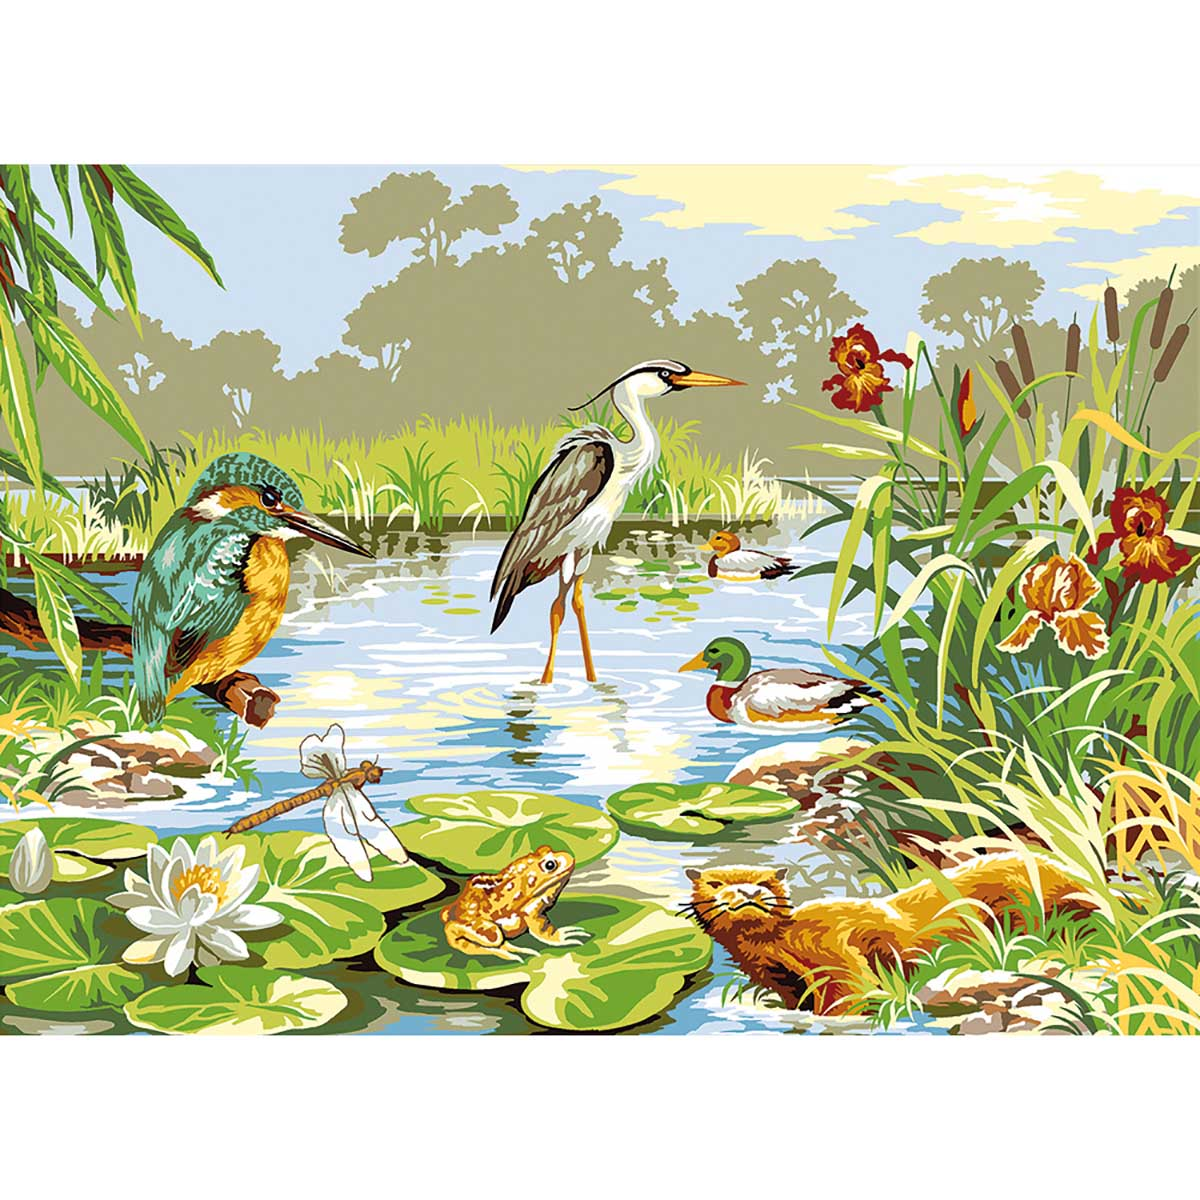 SE929-408 Канва с рисунком SEG de Paris 'На болоте' 45*60 см